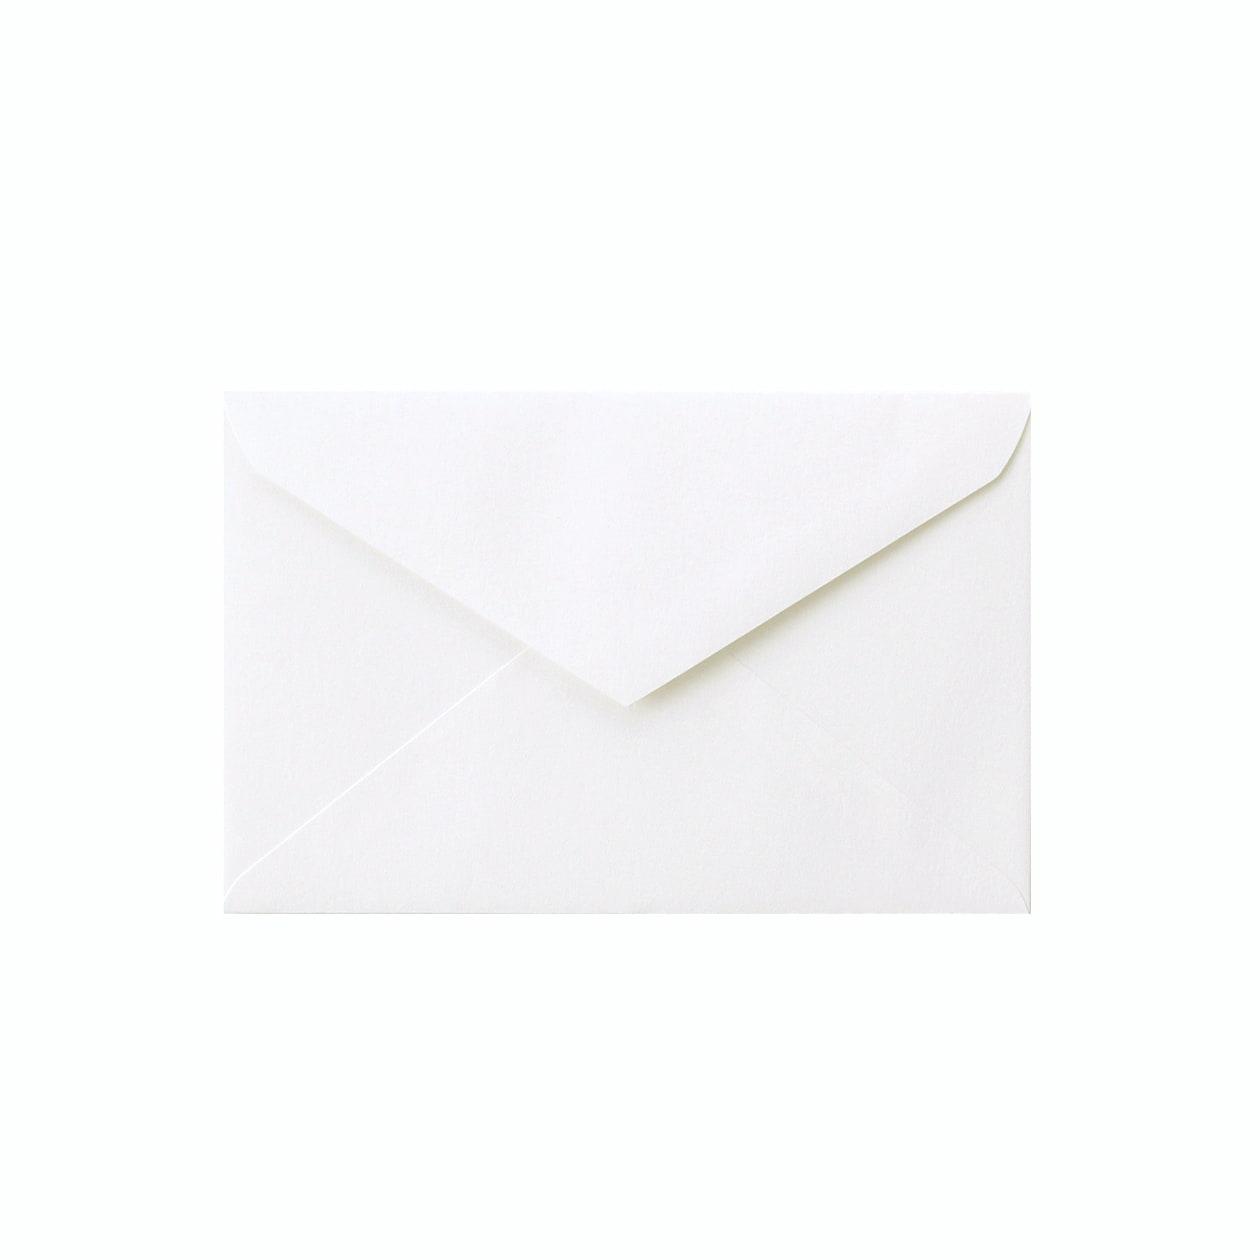 REダイア封筒 コットン スノーホワイト 116.3g